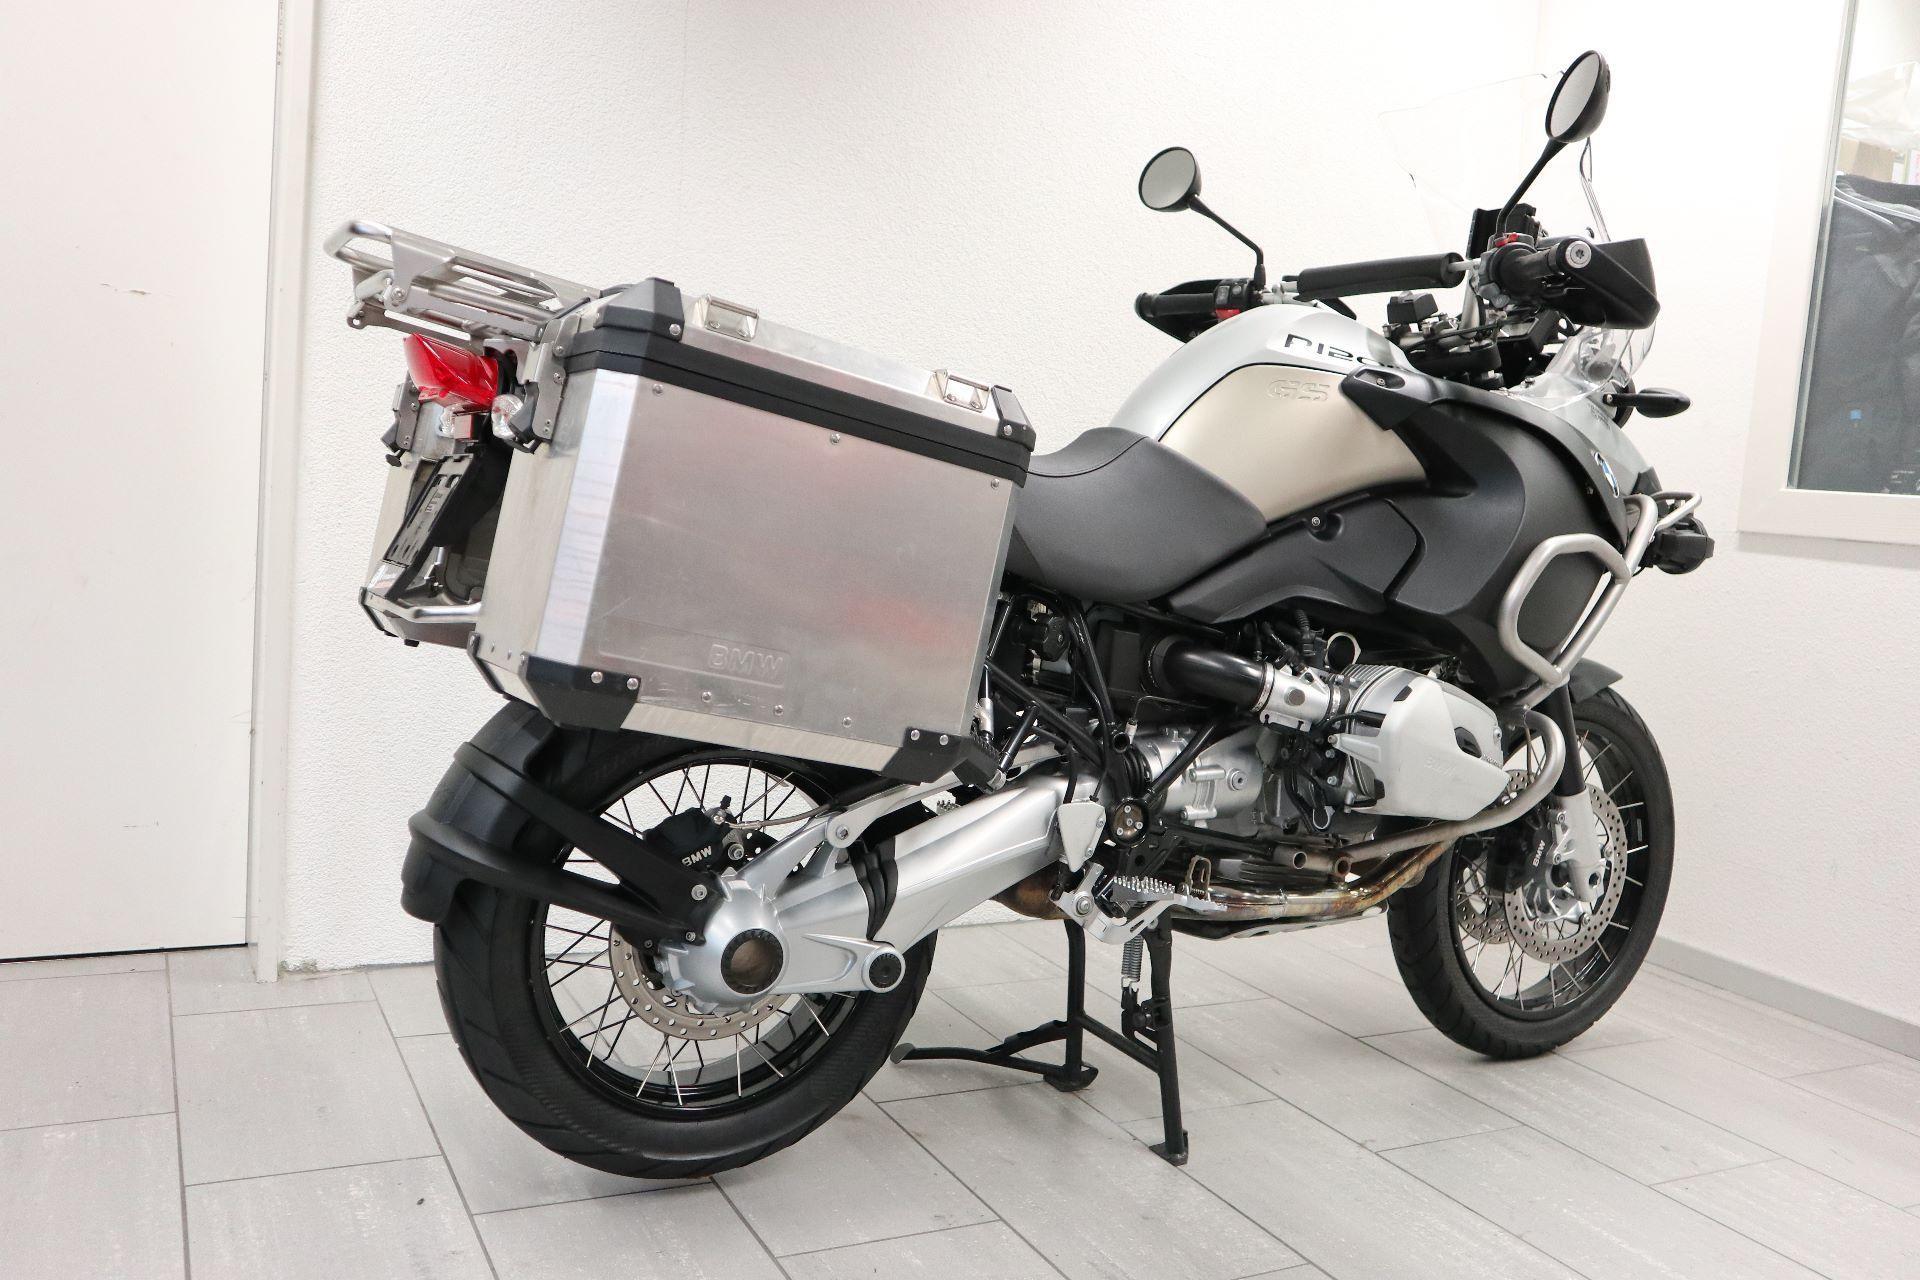 motorrad occasion kaufen bmw r 1200 gs adventure 8539 t ff center basel ag basel. Black Bedroom Furniture Sets. Home Design Ideas